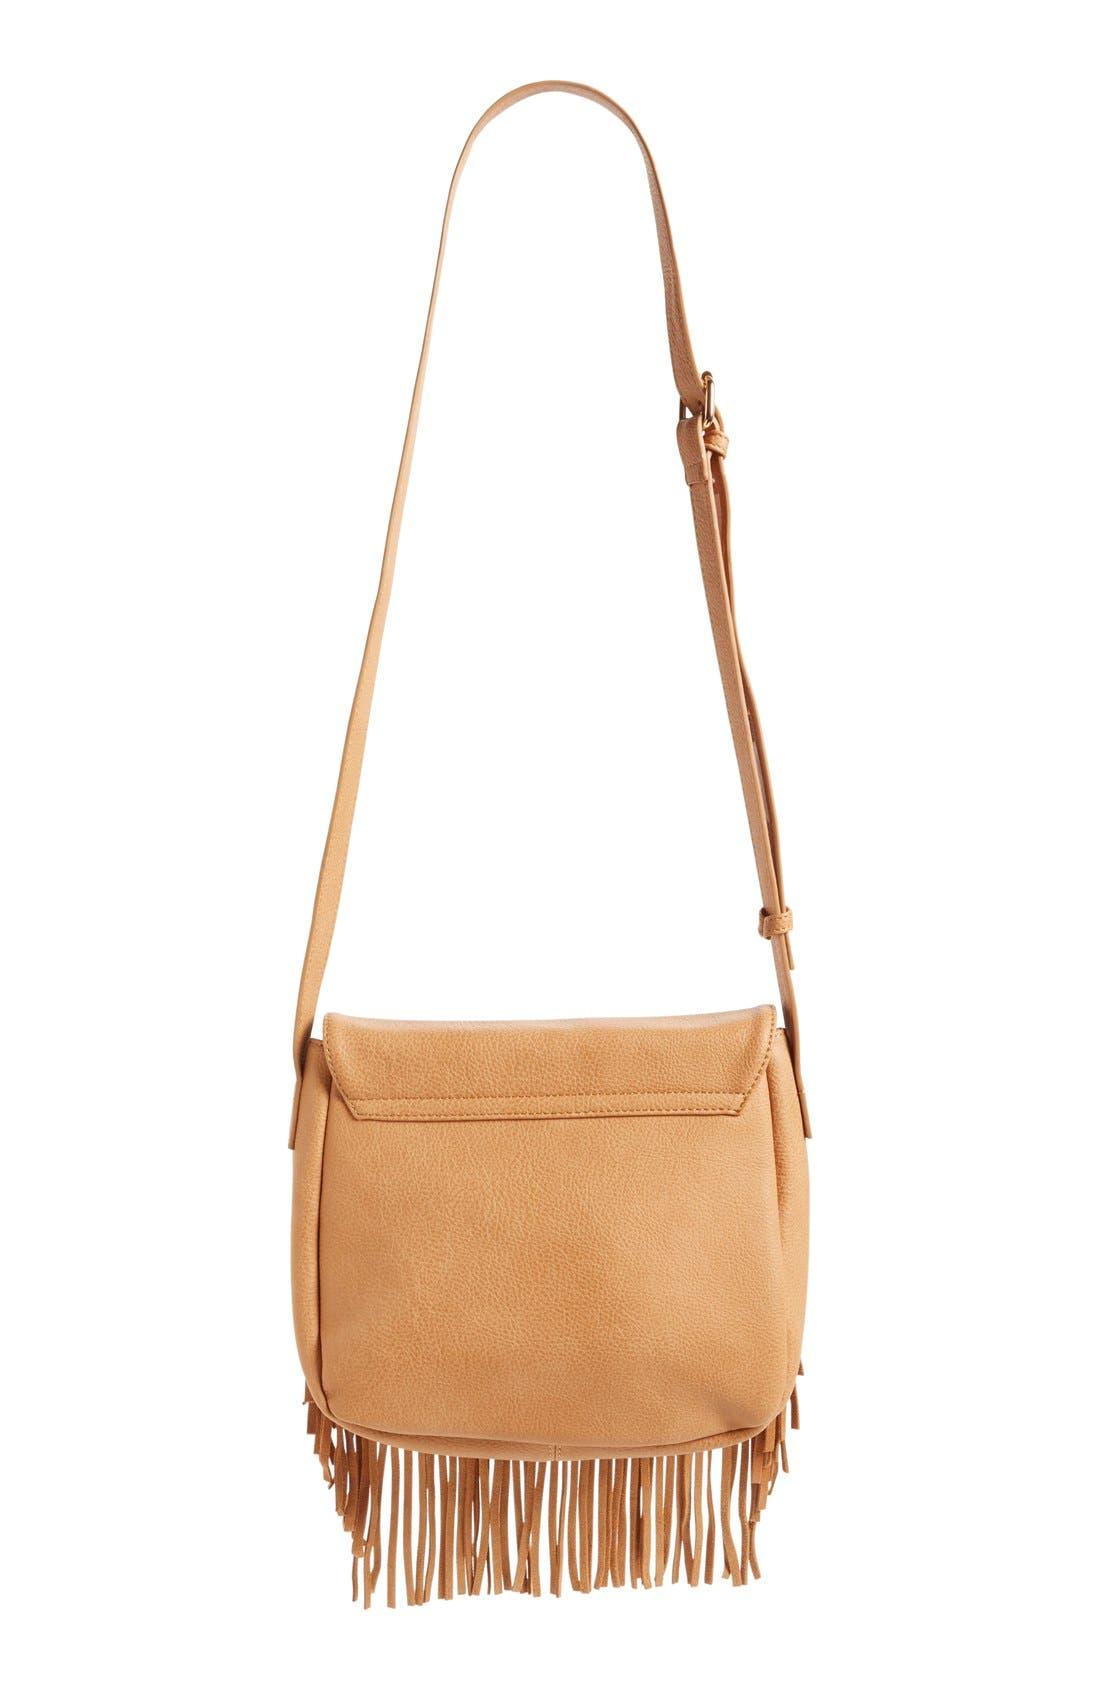 Alternate Image 3  - Sole Society 'Kerry' Fringe Faux Leather Crossbody Bag